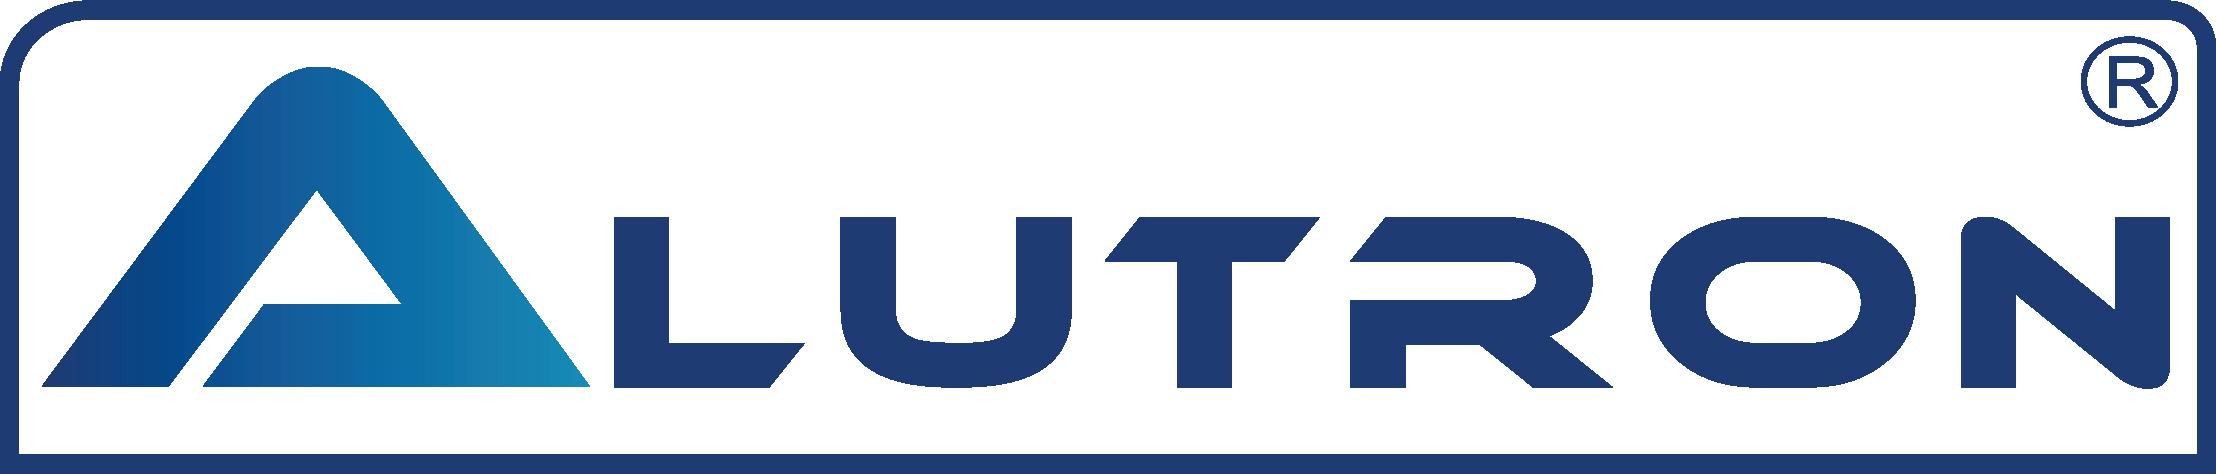 Alutron_Logo_2017_10